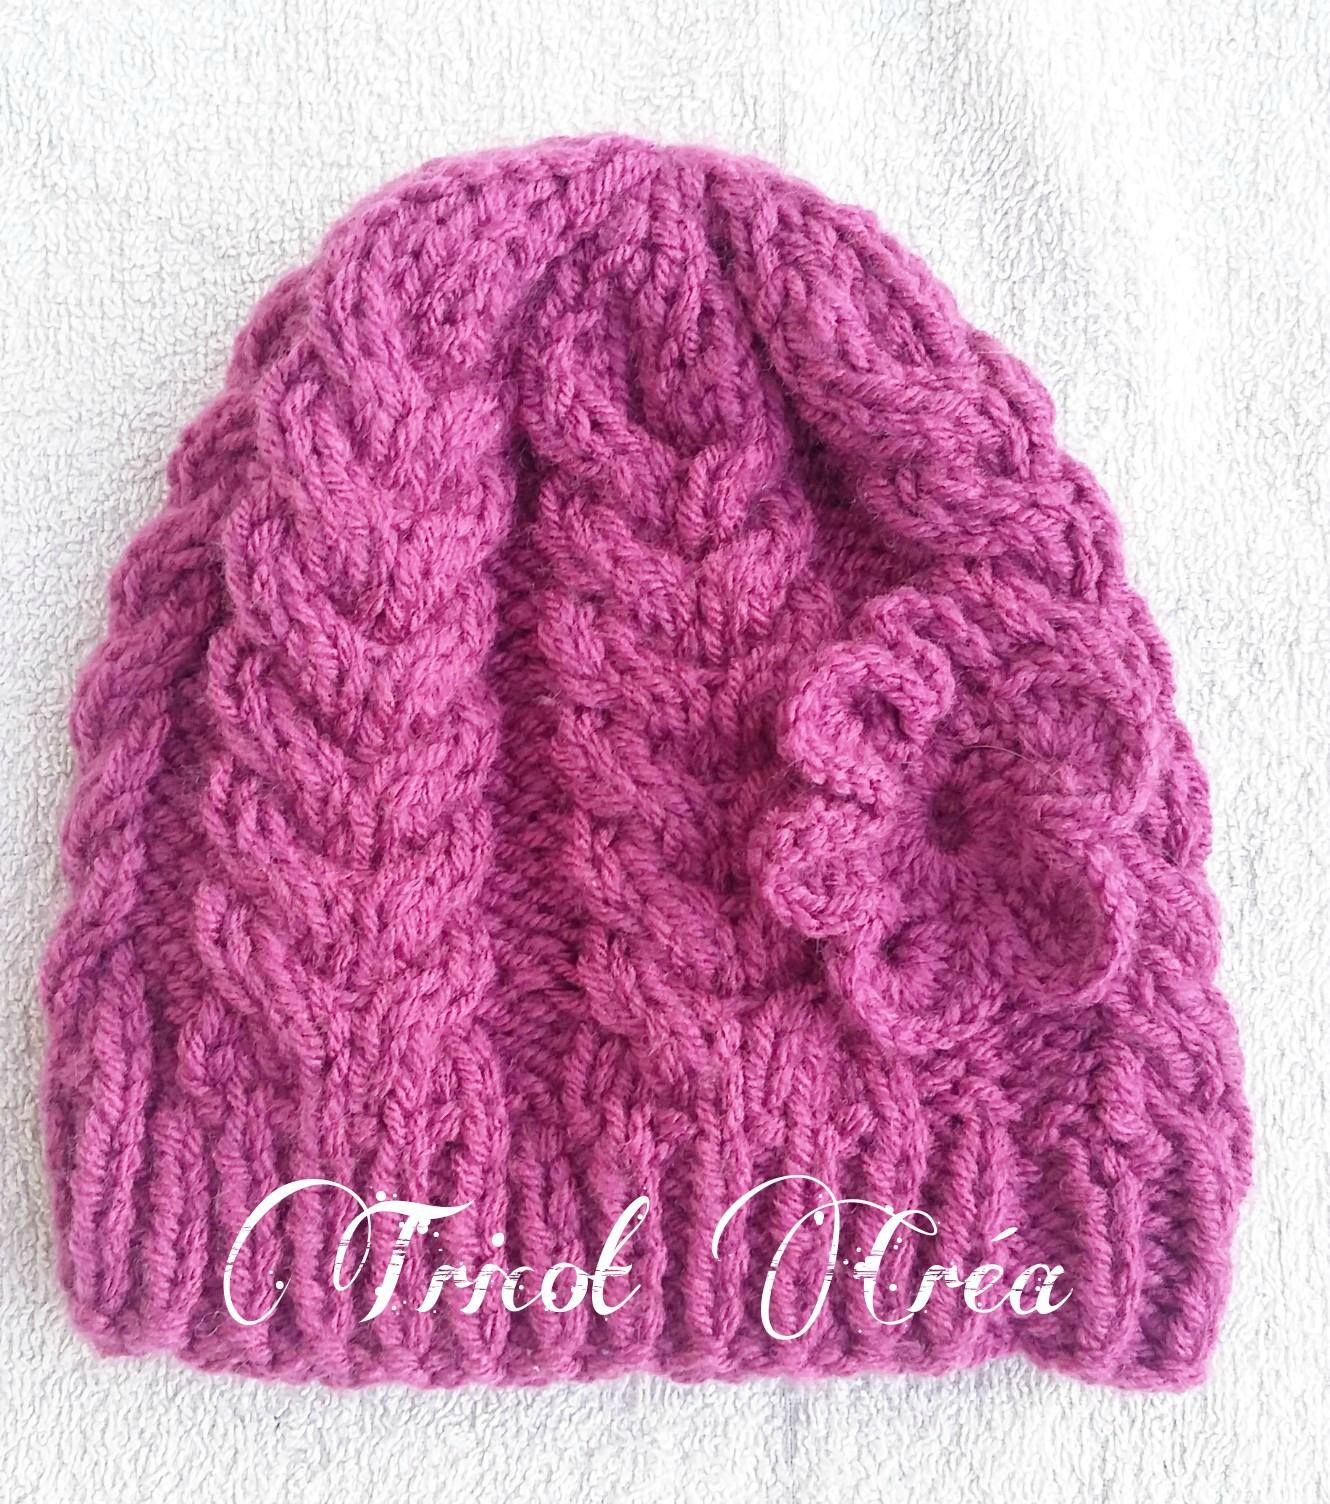 Tricoter un snood et un bonnet - Idées de tricot gratuit 785da7f2a03